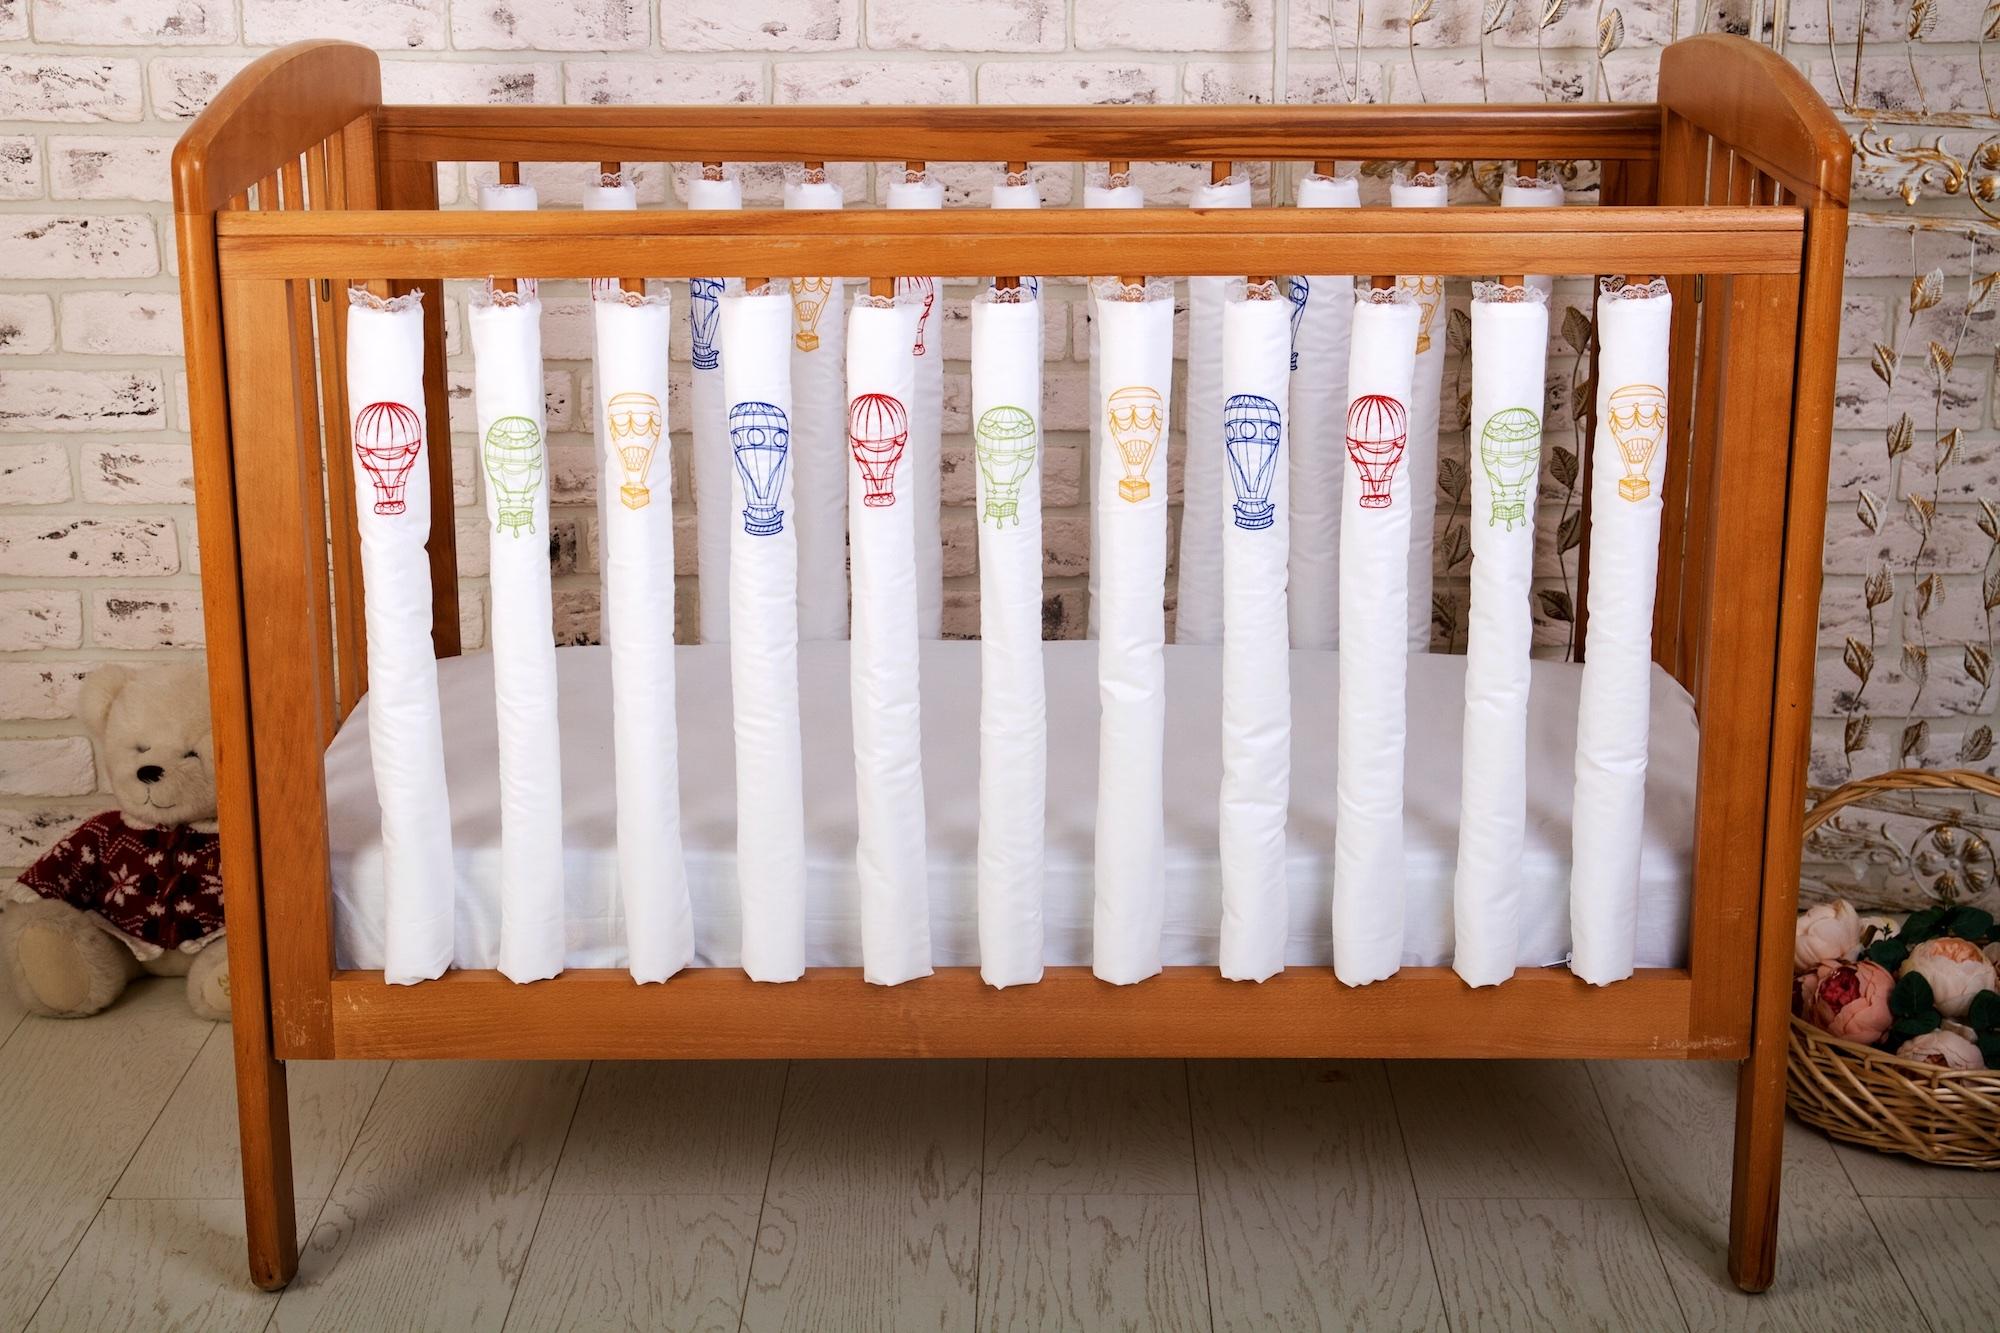 Аксессуары для кроваток Cloud factory Beauty Balloons 12 шт комплект фенс бамперов cloud factory 12 шт beauty balloons